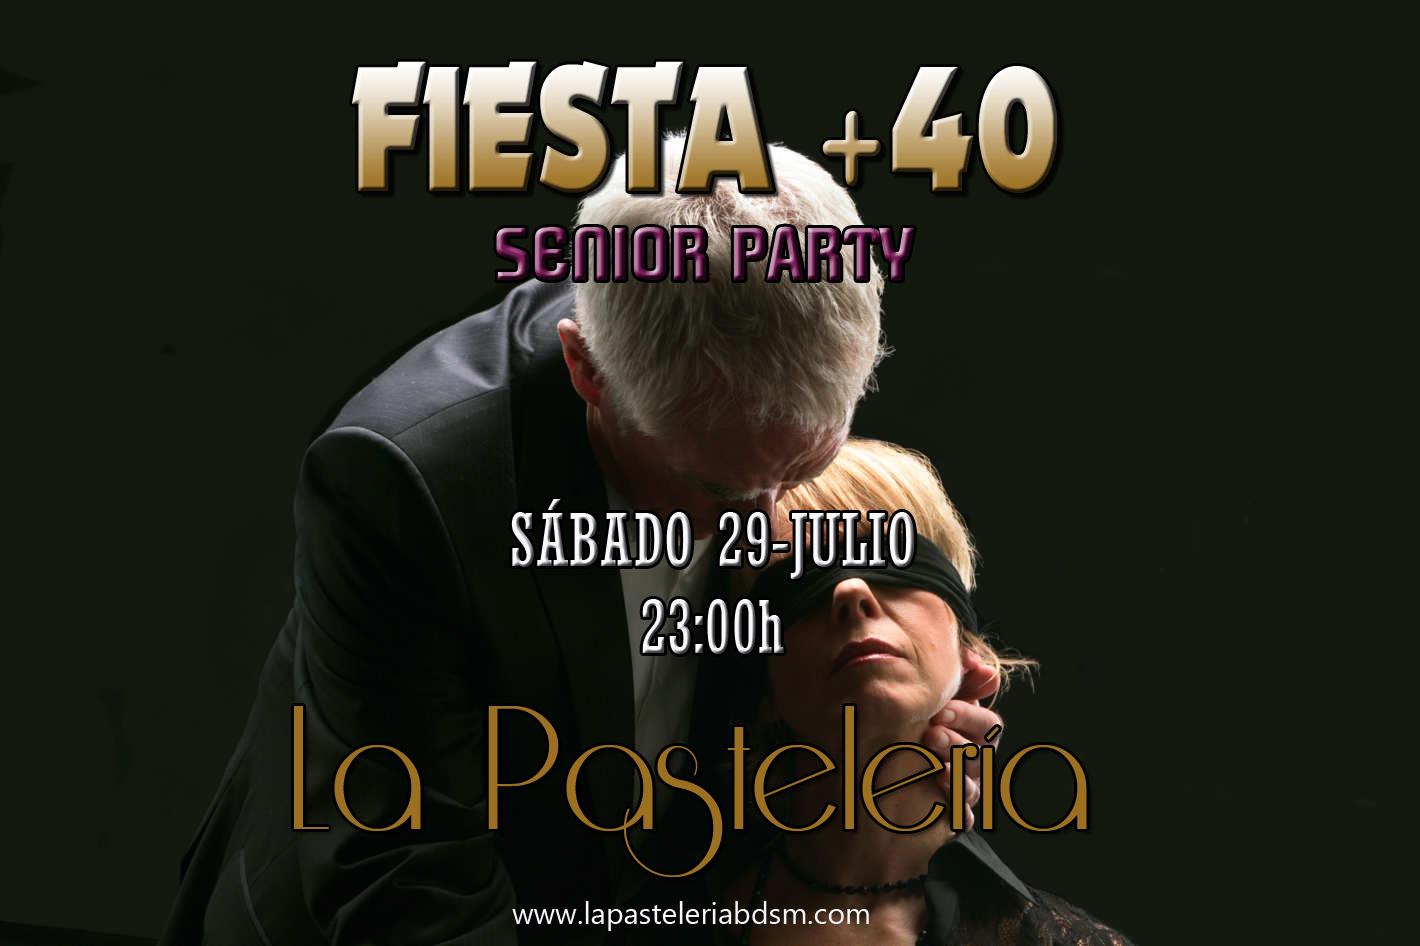 FIESTA + 40 en La PasteleríaBDSM-Madrid @ La Pastelería BDSM | Madrid | Comunidad de Madrid | España